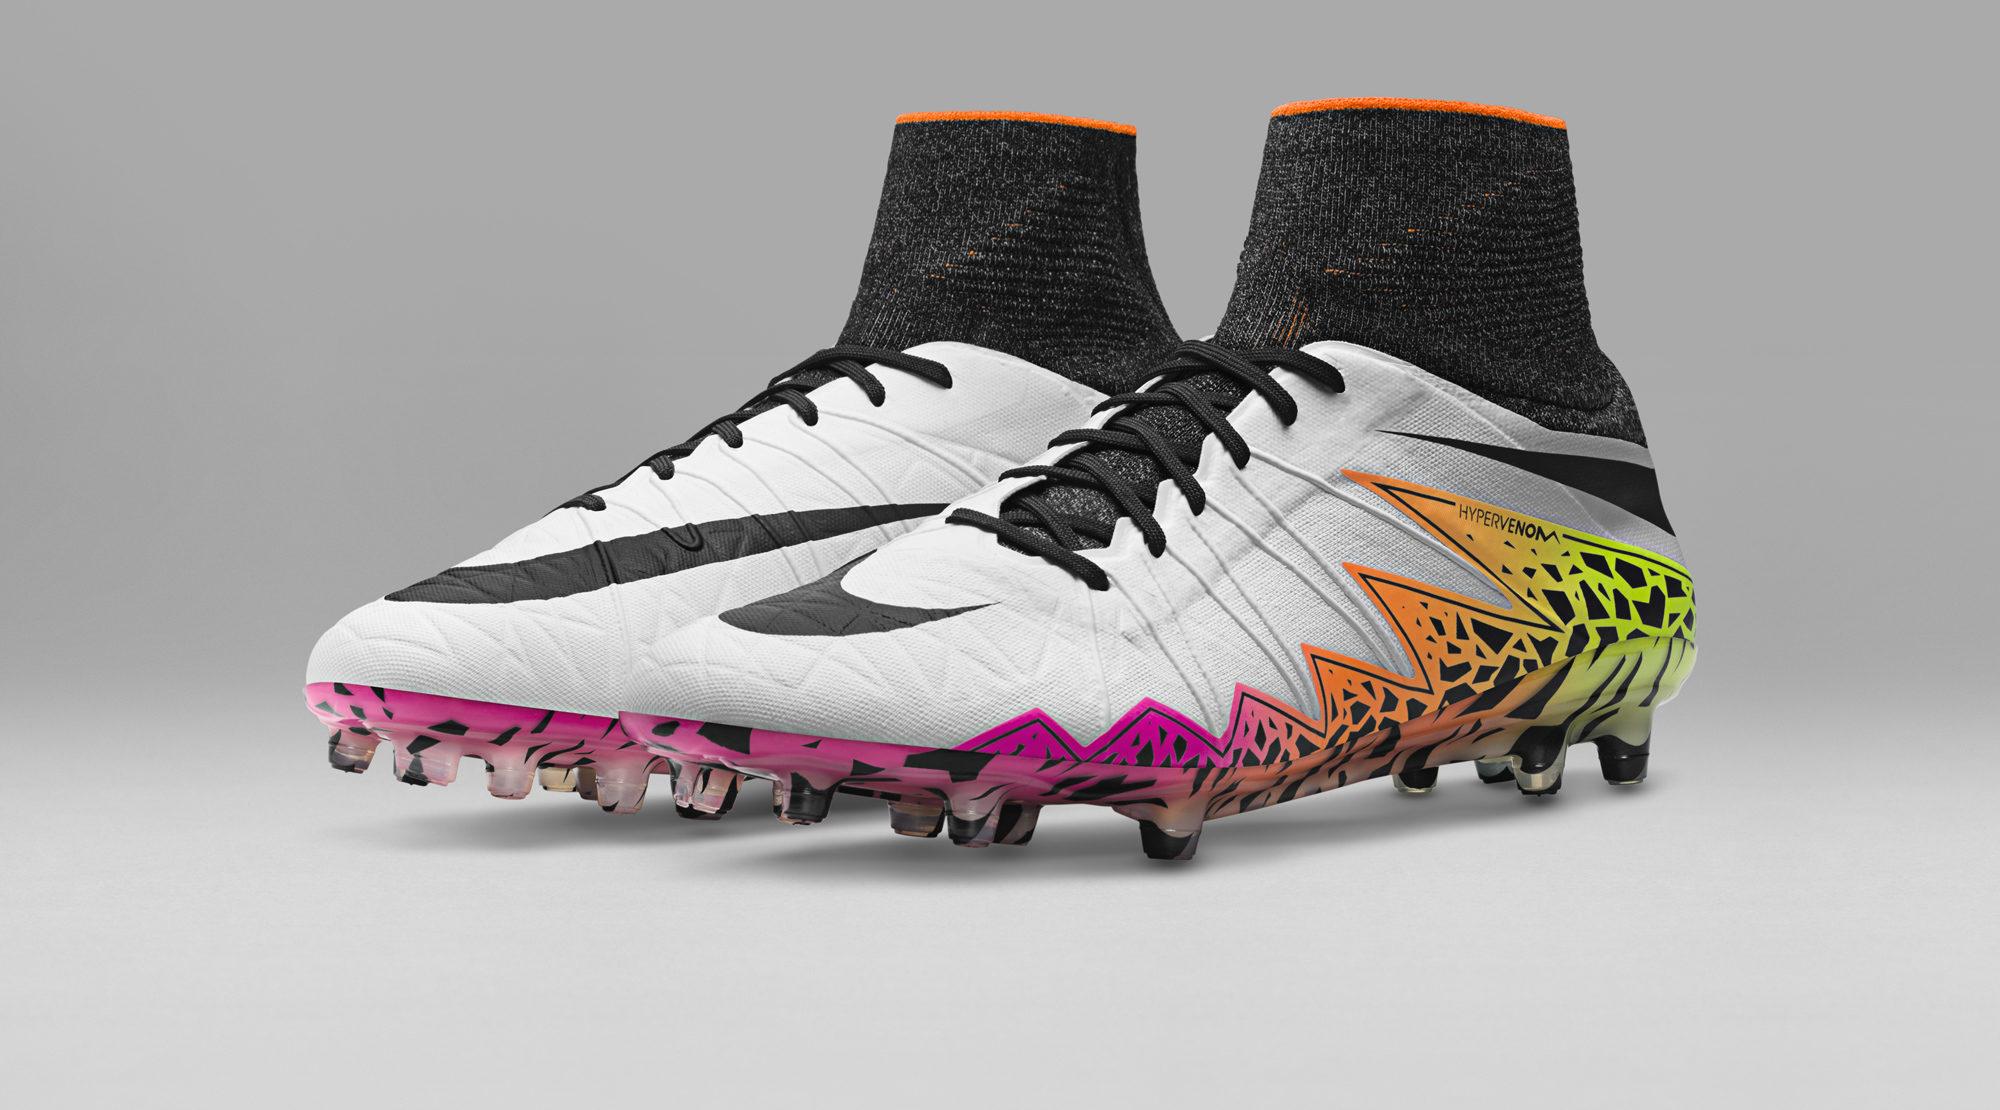 8305aabdf2df9 Acquista 2 OFF QUALSIASI scarpe da calcio nike amazon CASE E OTTIENI ...